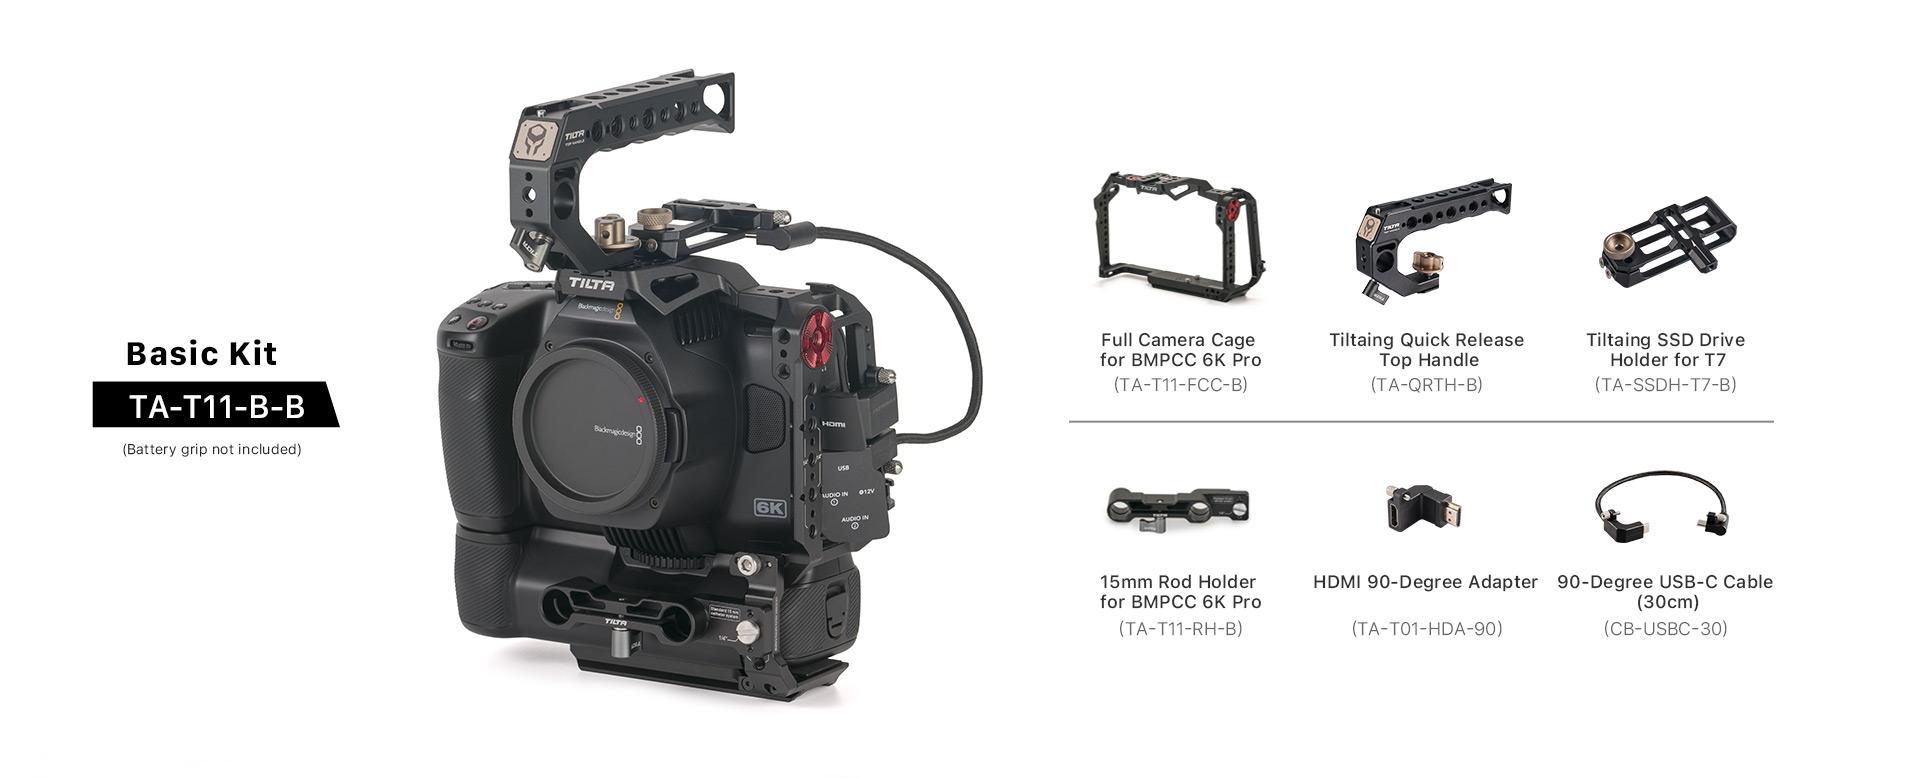 Basic Kit for BMPCC 6K Pro